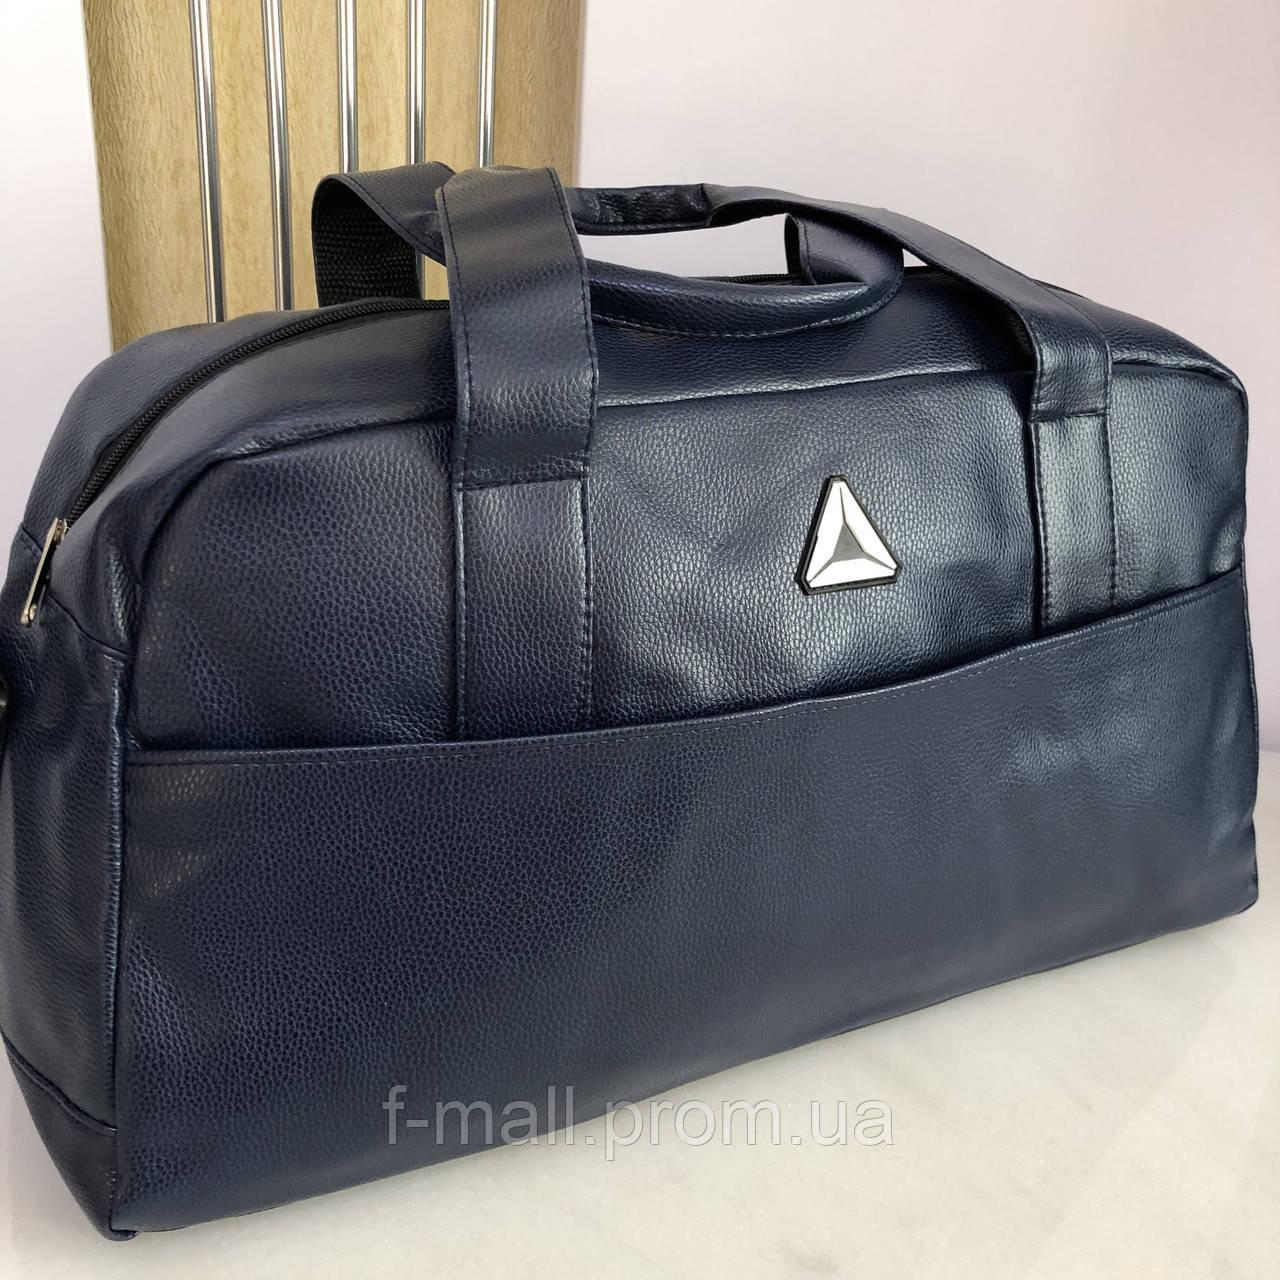 Спортивная сумка мужская женская Reebok дорожная сумка кожзам Синяя